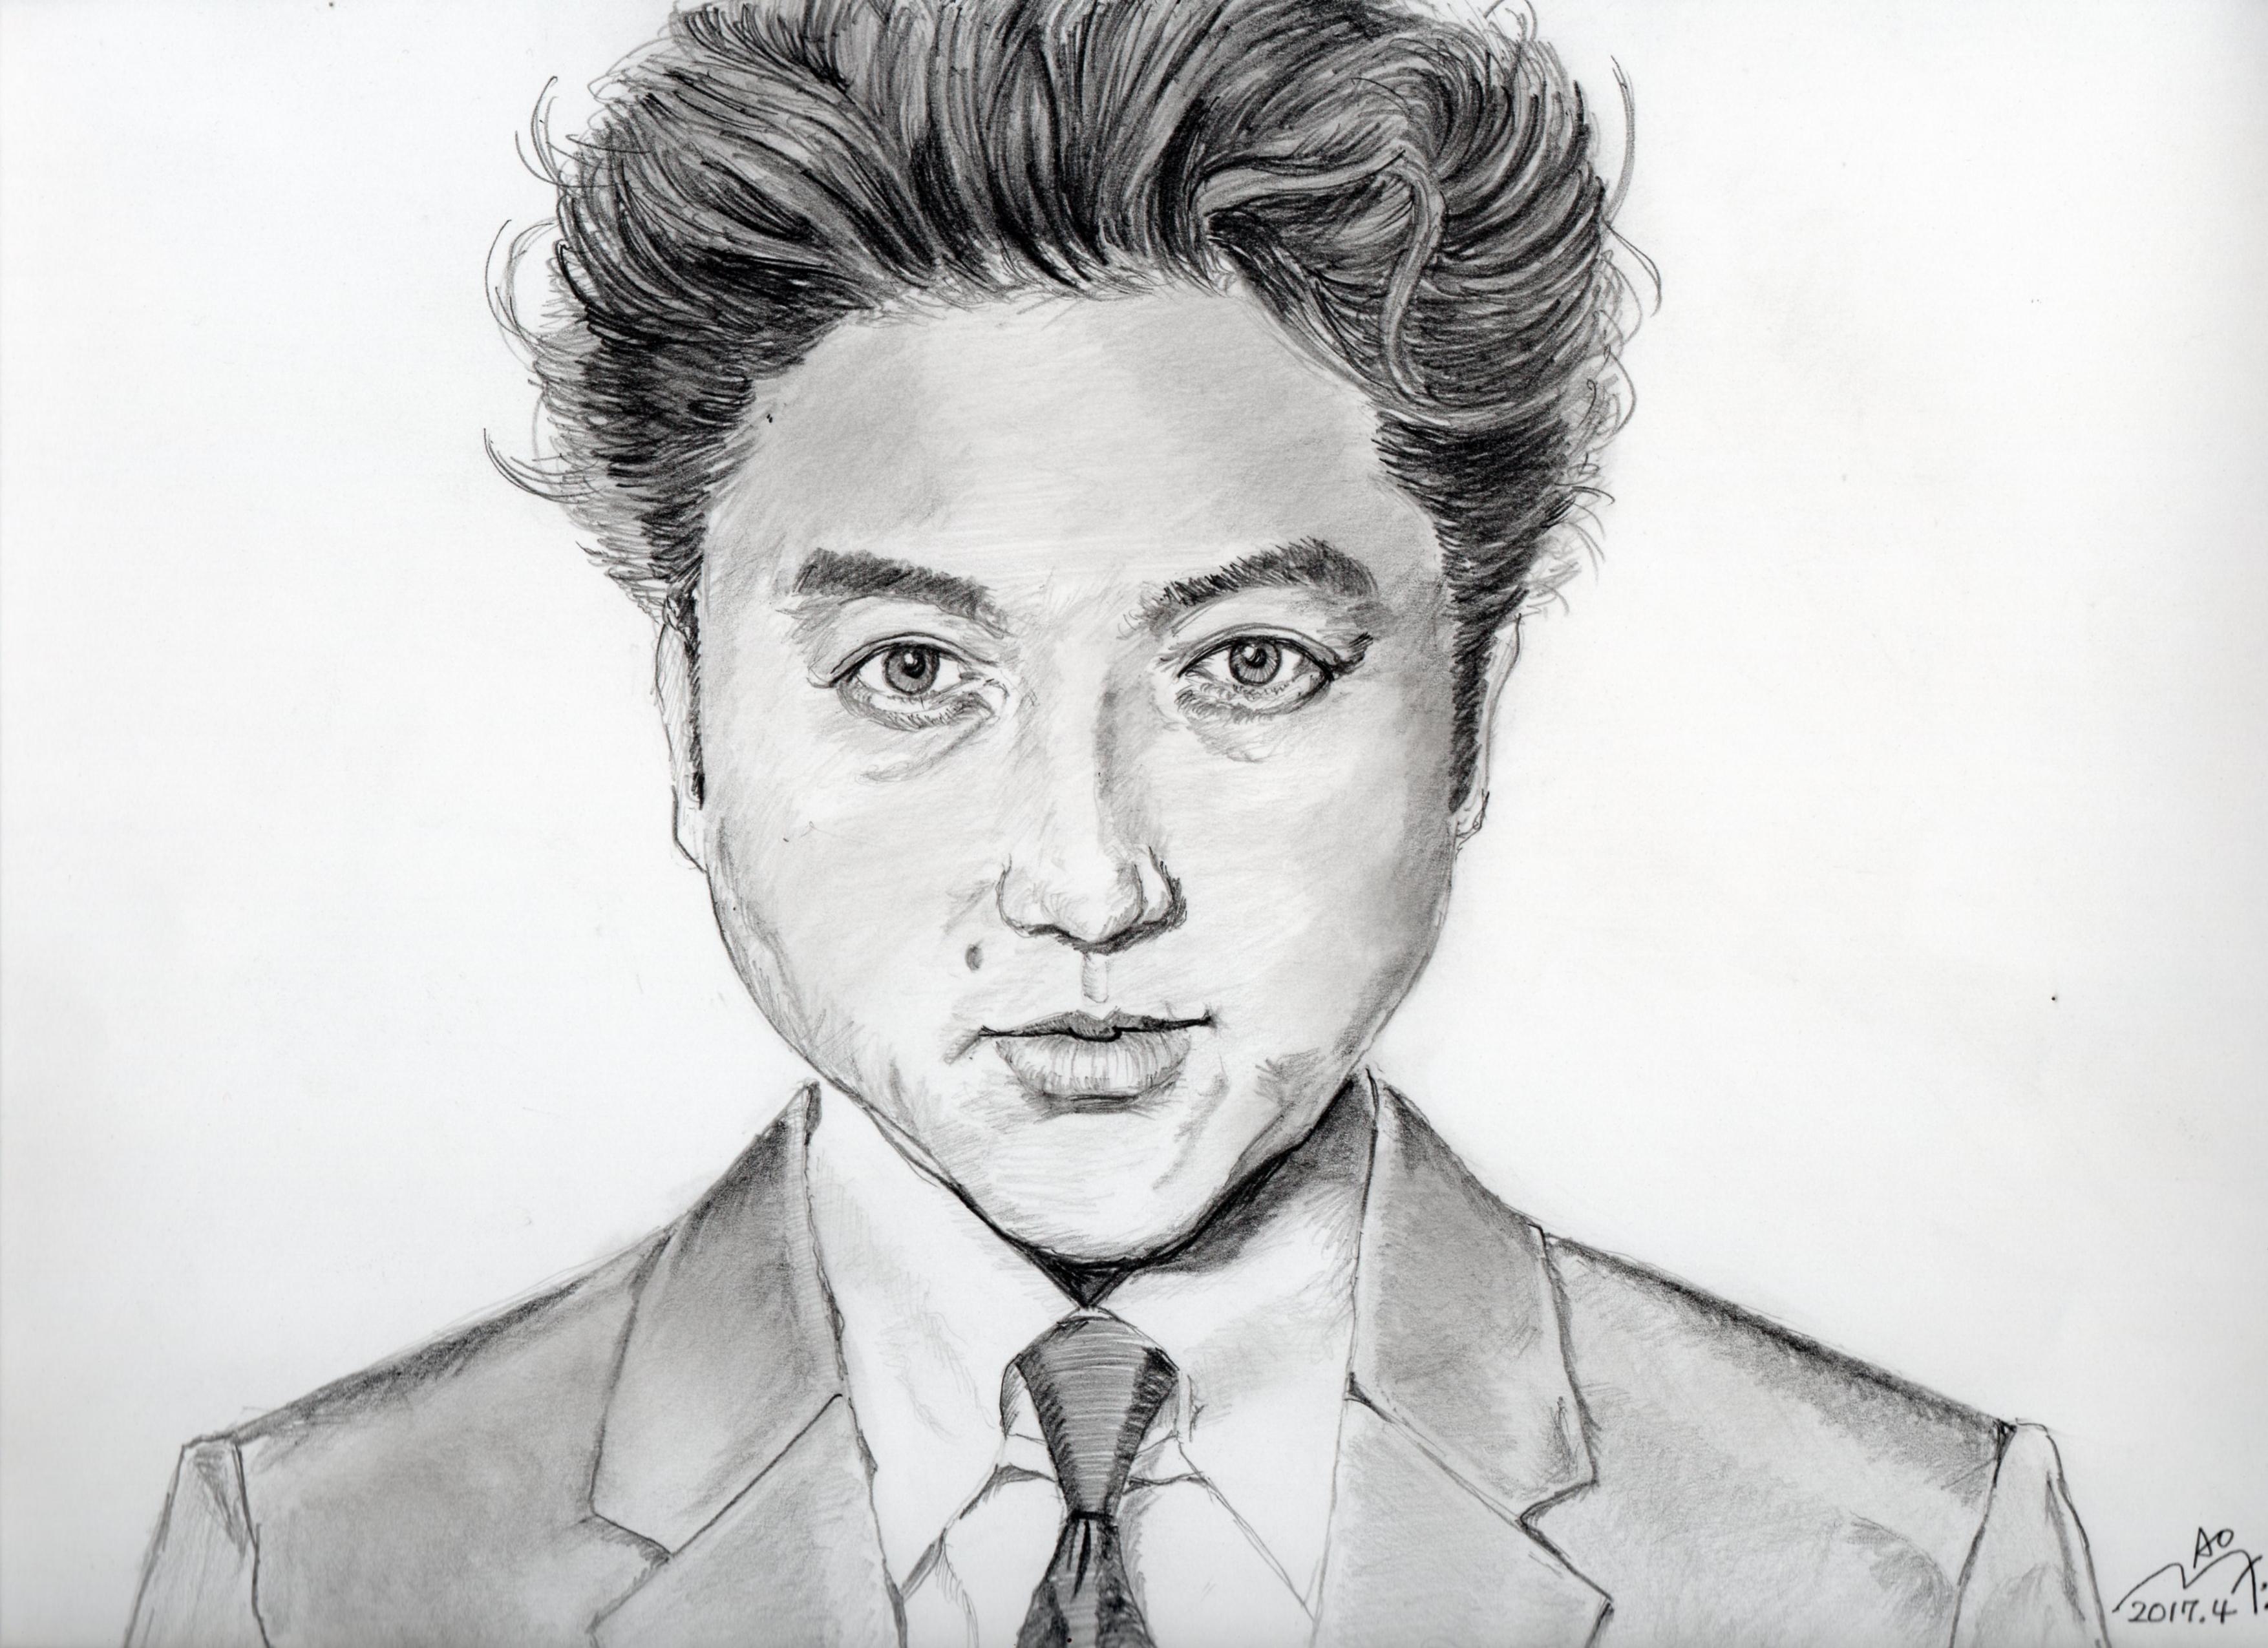 ムロツヨシの鉛筆画似顔絵